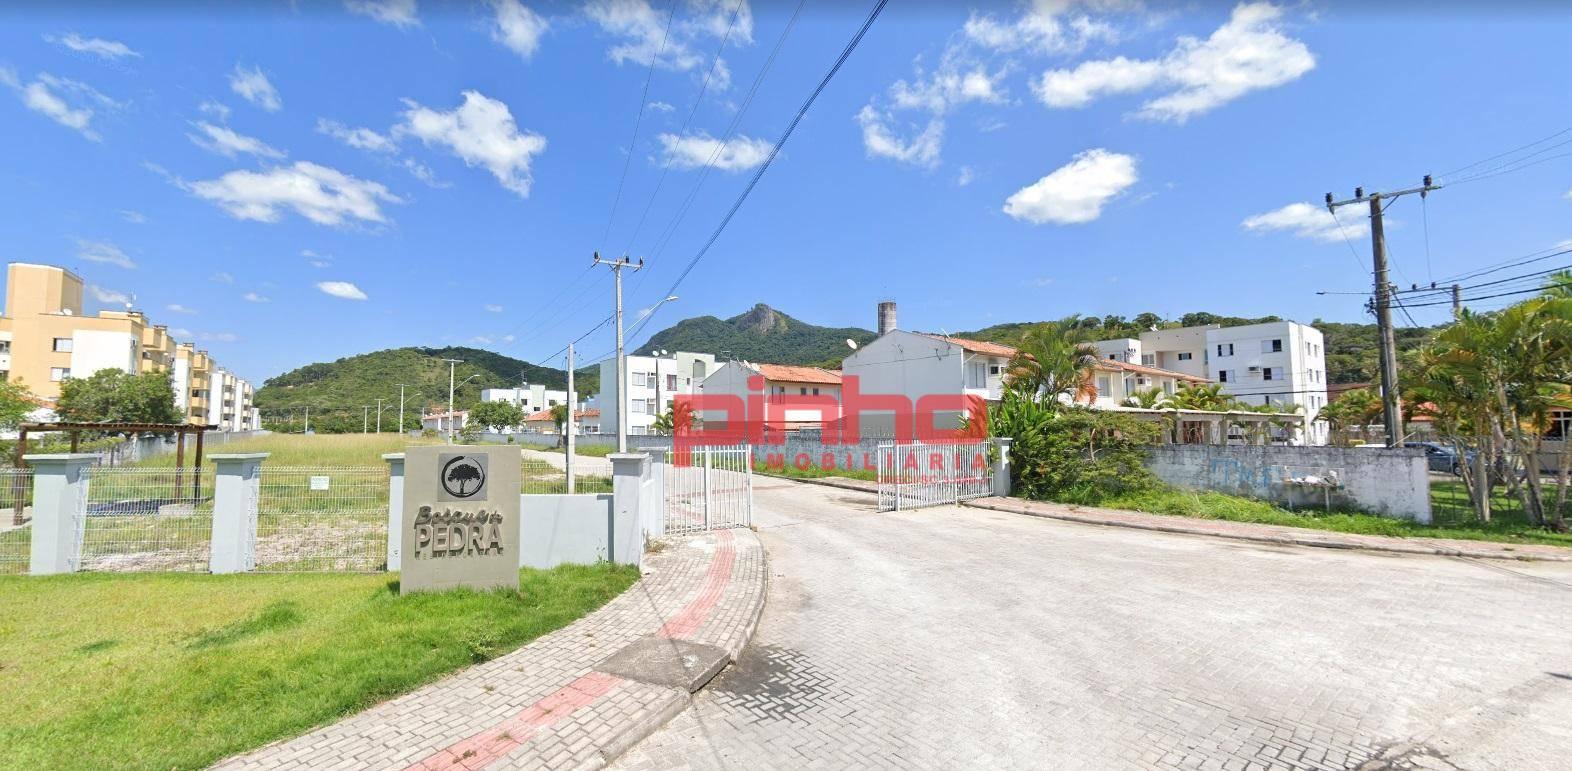 Terreno à venda, 360 m² por R$ 170.100,00 - Sertão do Maruim - São José/SC